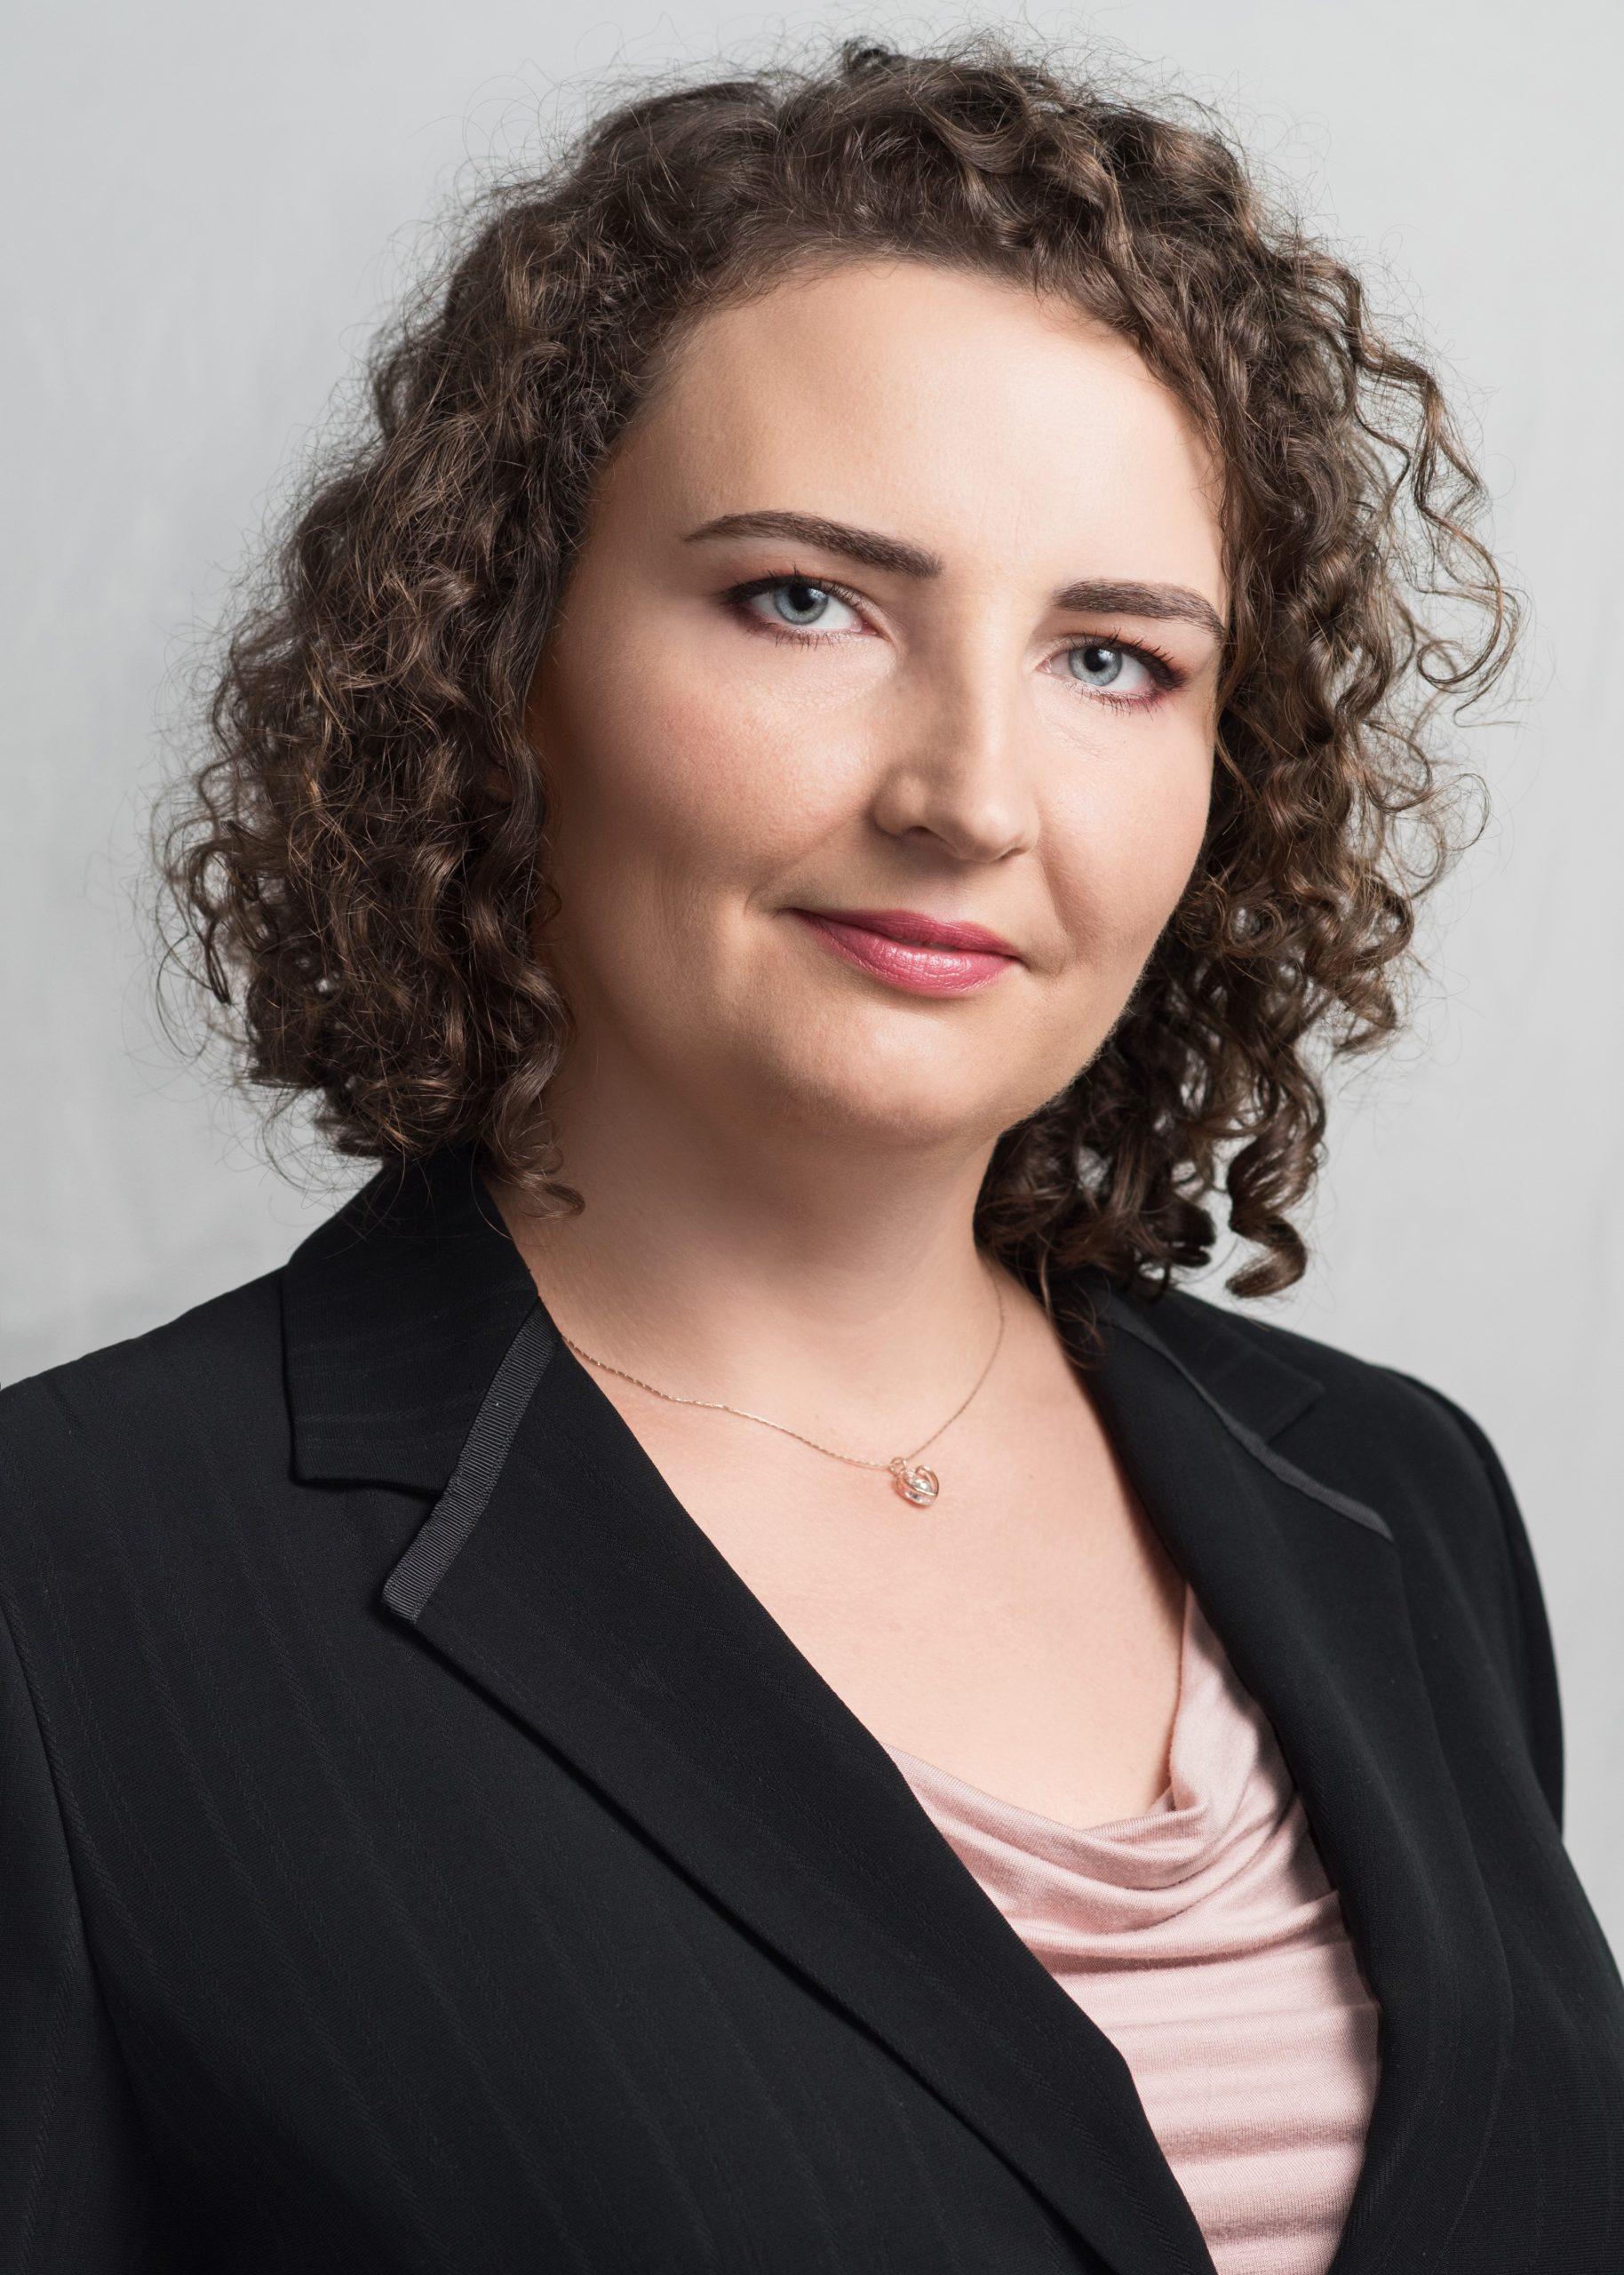 Natalia Pulczyńska